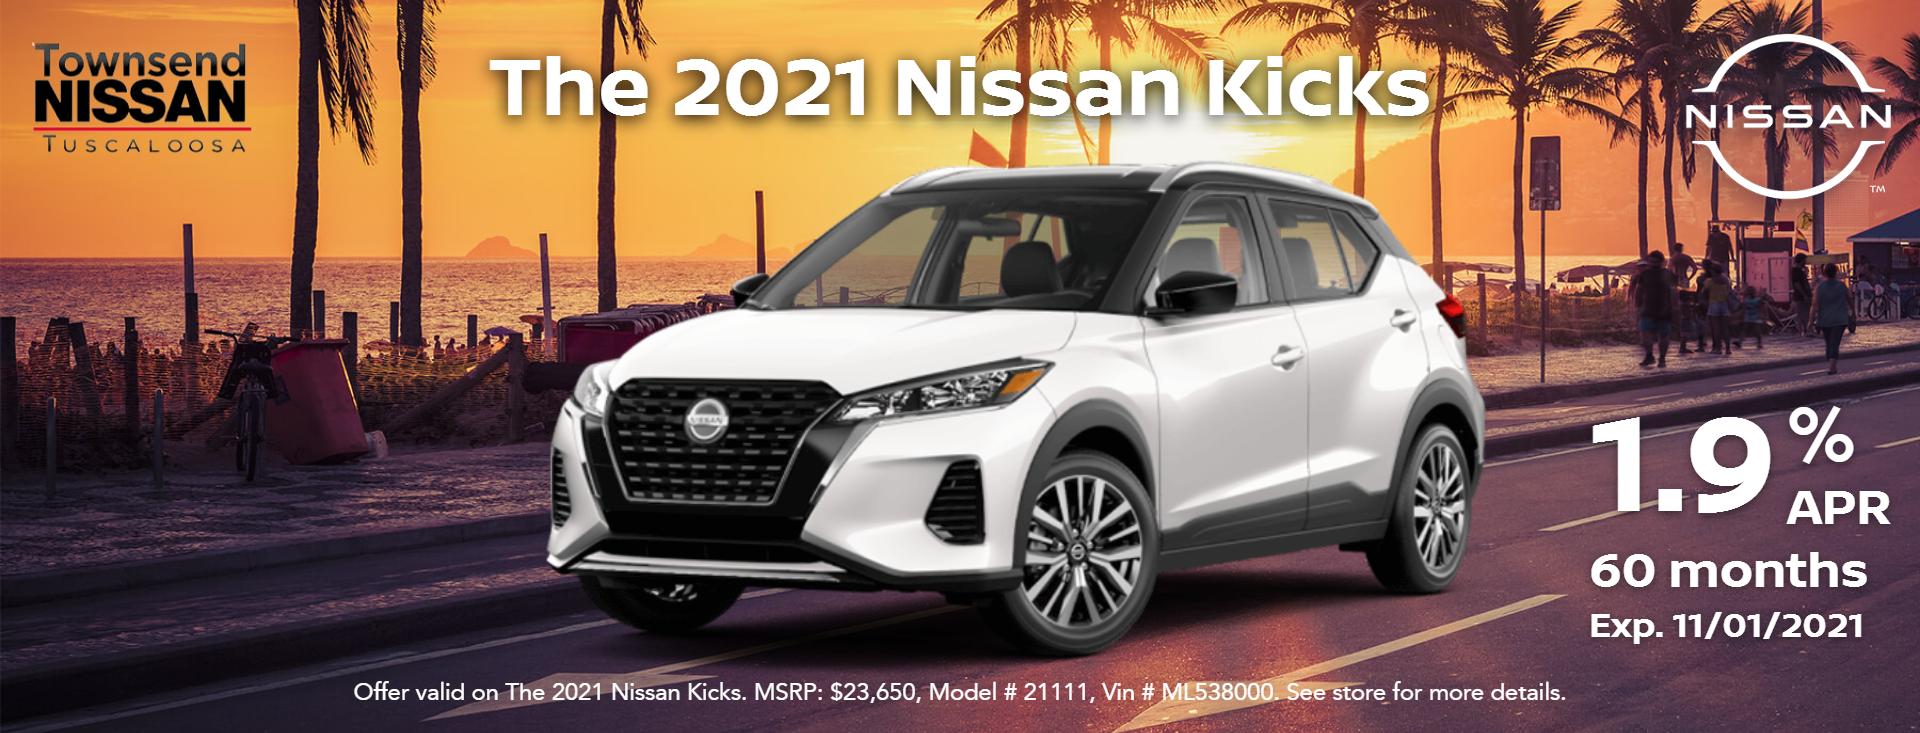 2021_Nissan_Kicks_SV_Thu Oct 07 2021 14_12_16 GMT-0500 (Central Daylight Time)